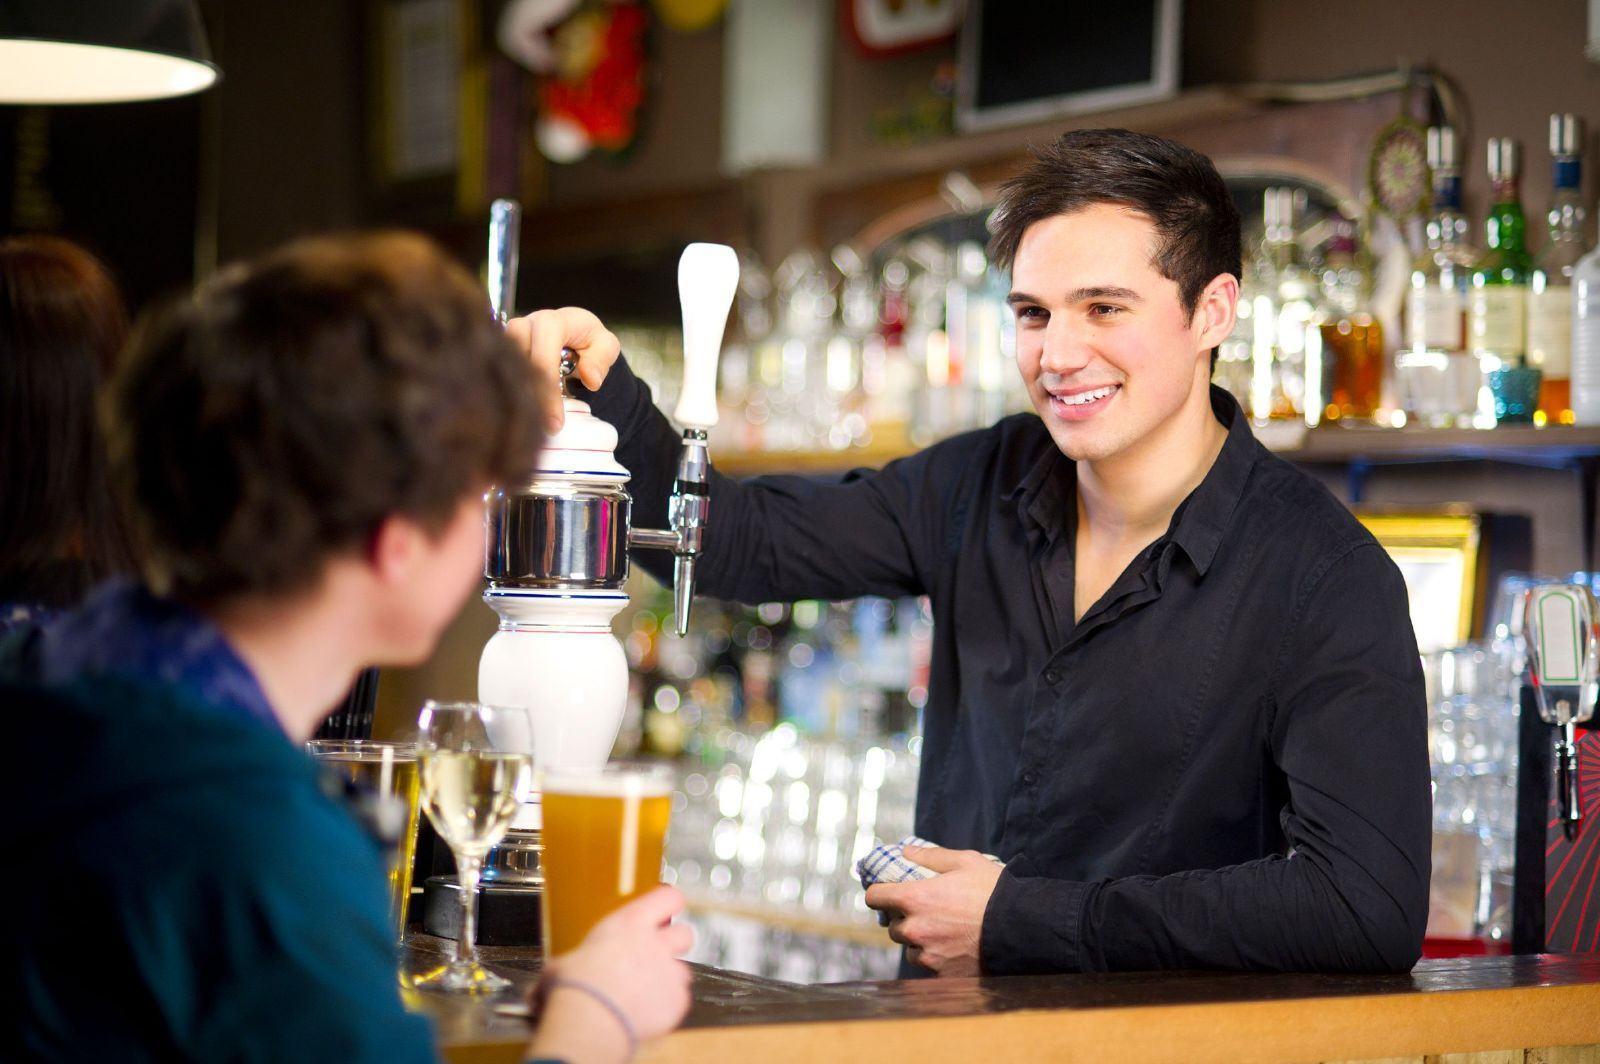 Bartender pha chế đồ uống cho khách